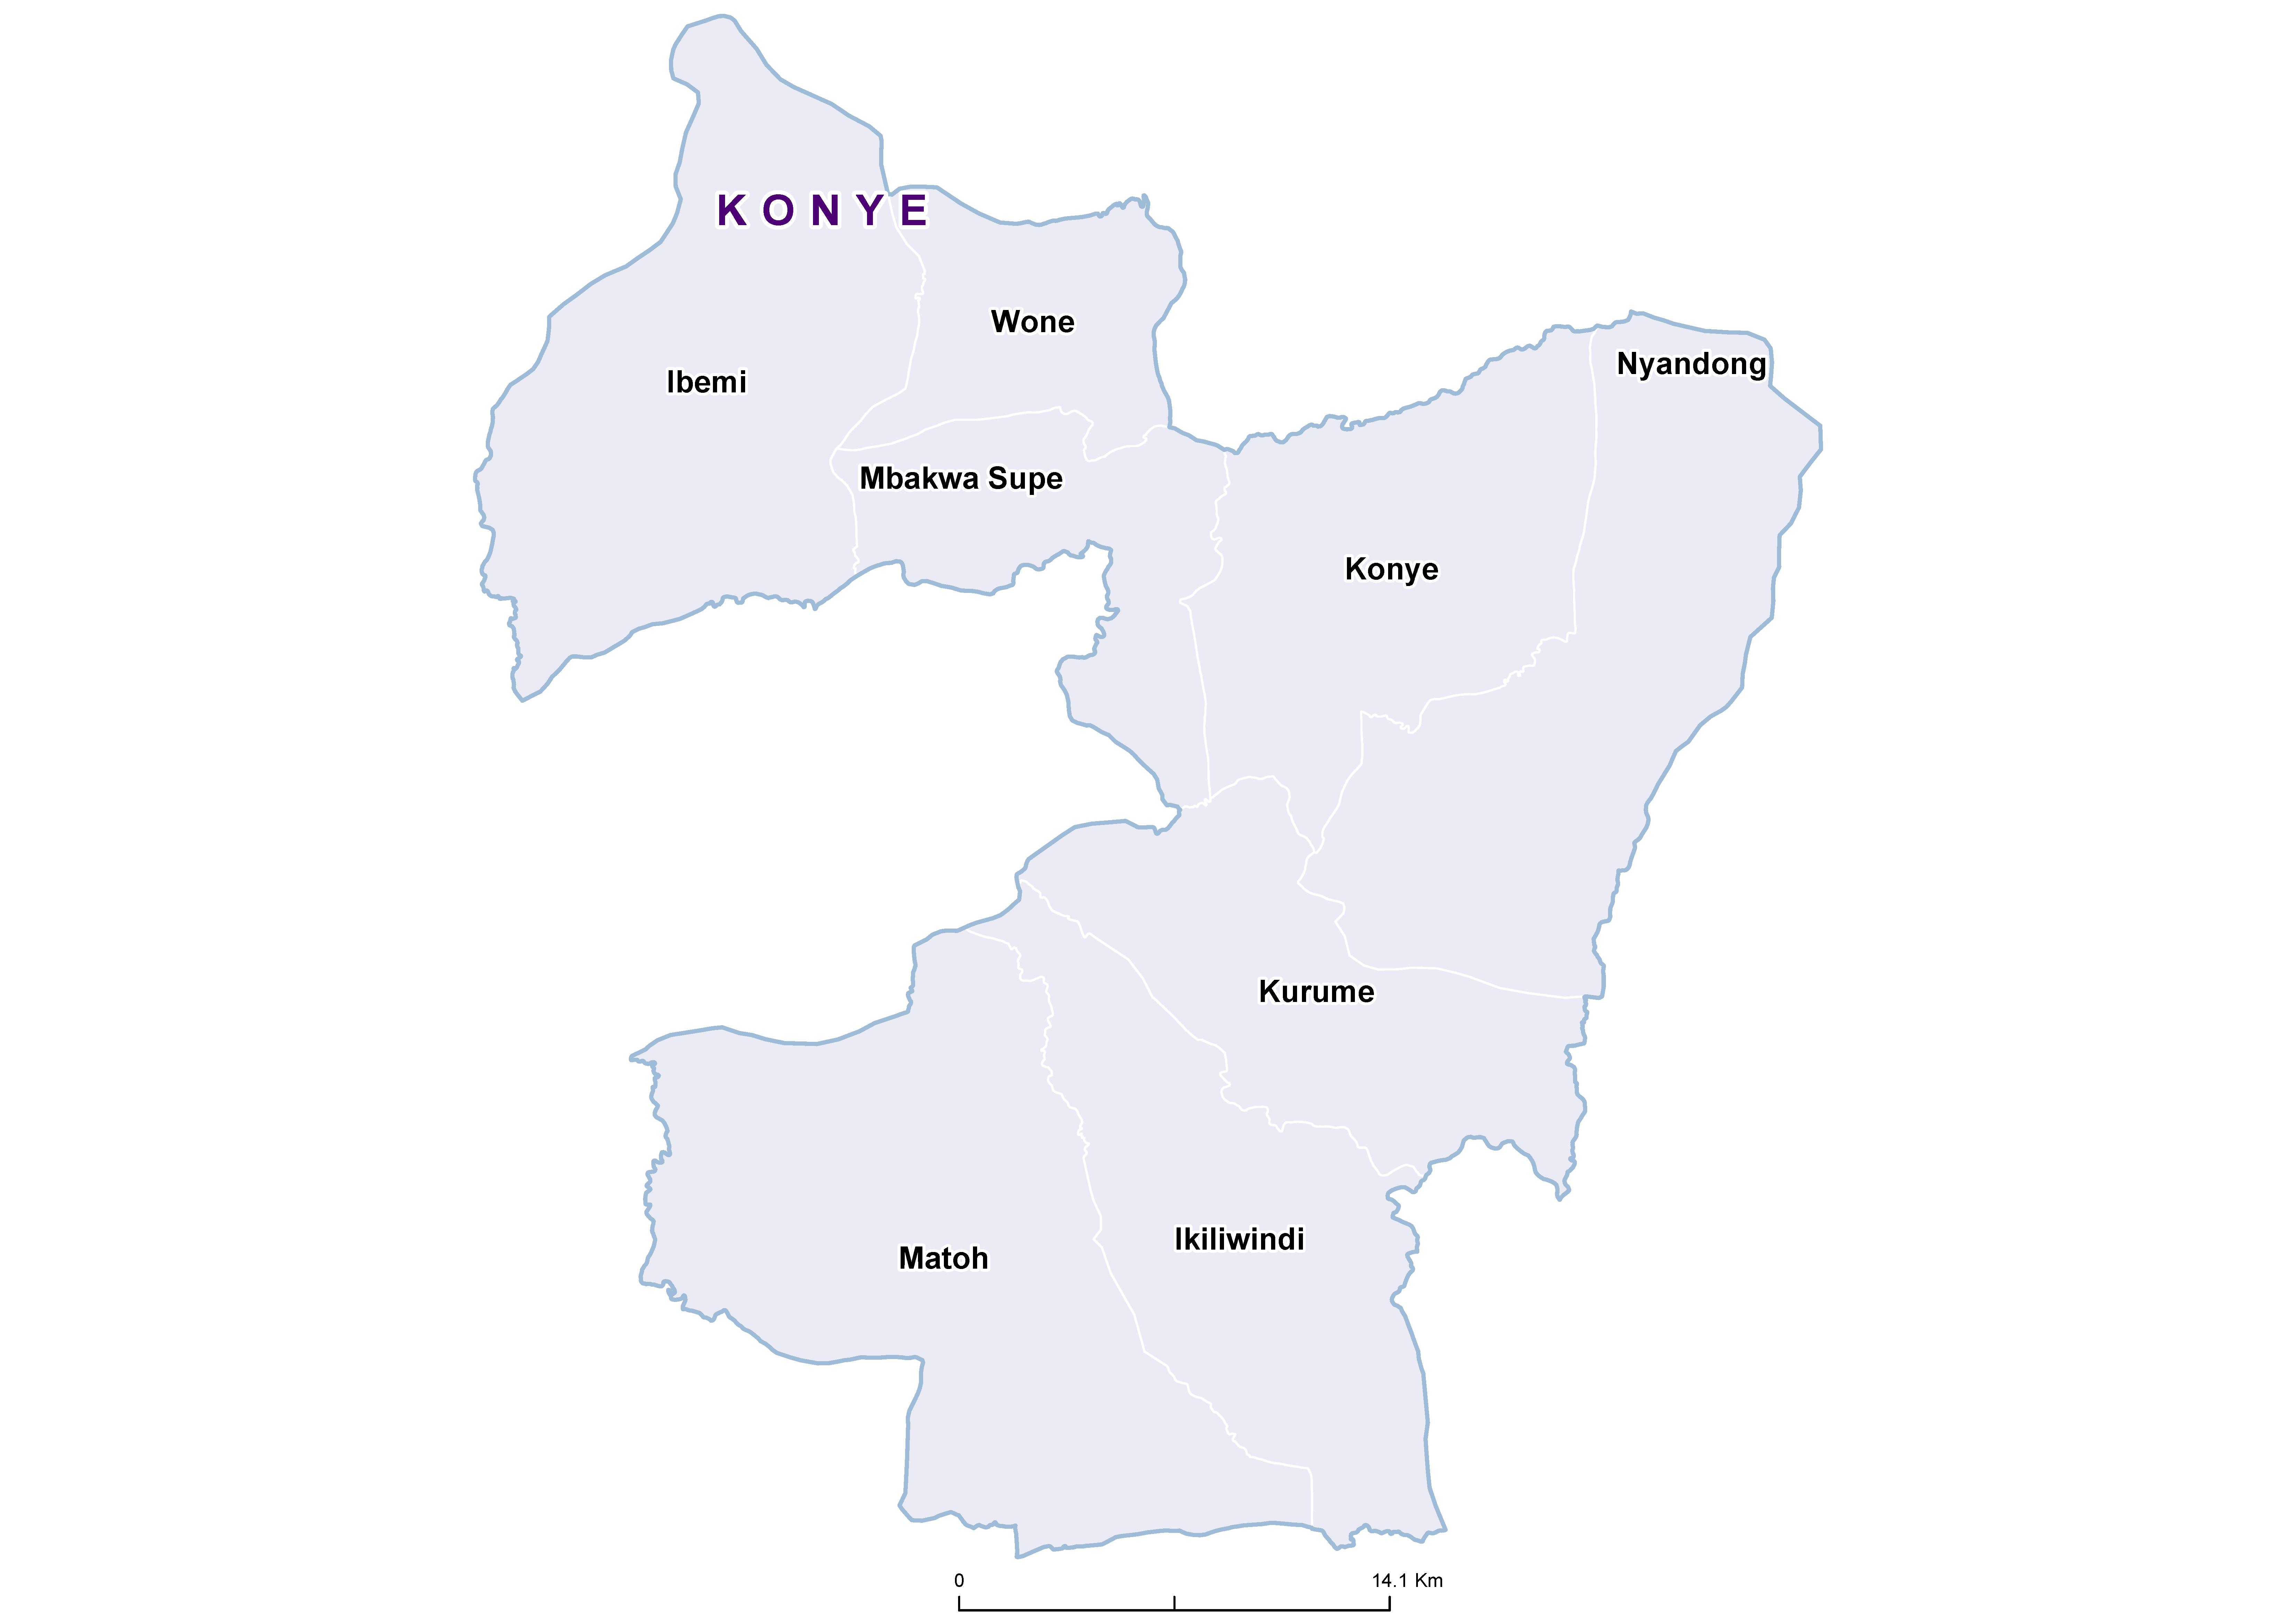 Konye STH 19850001